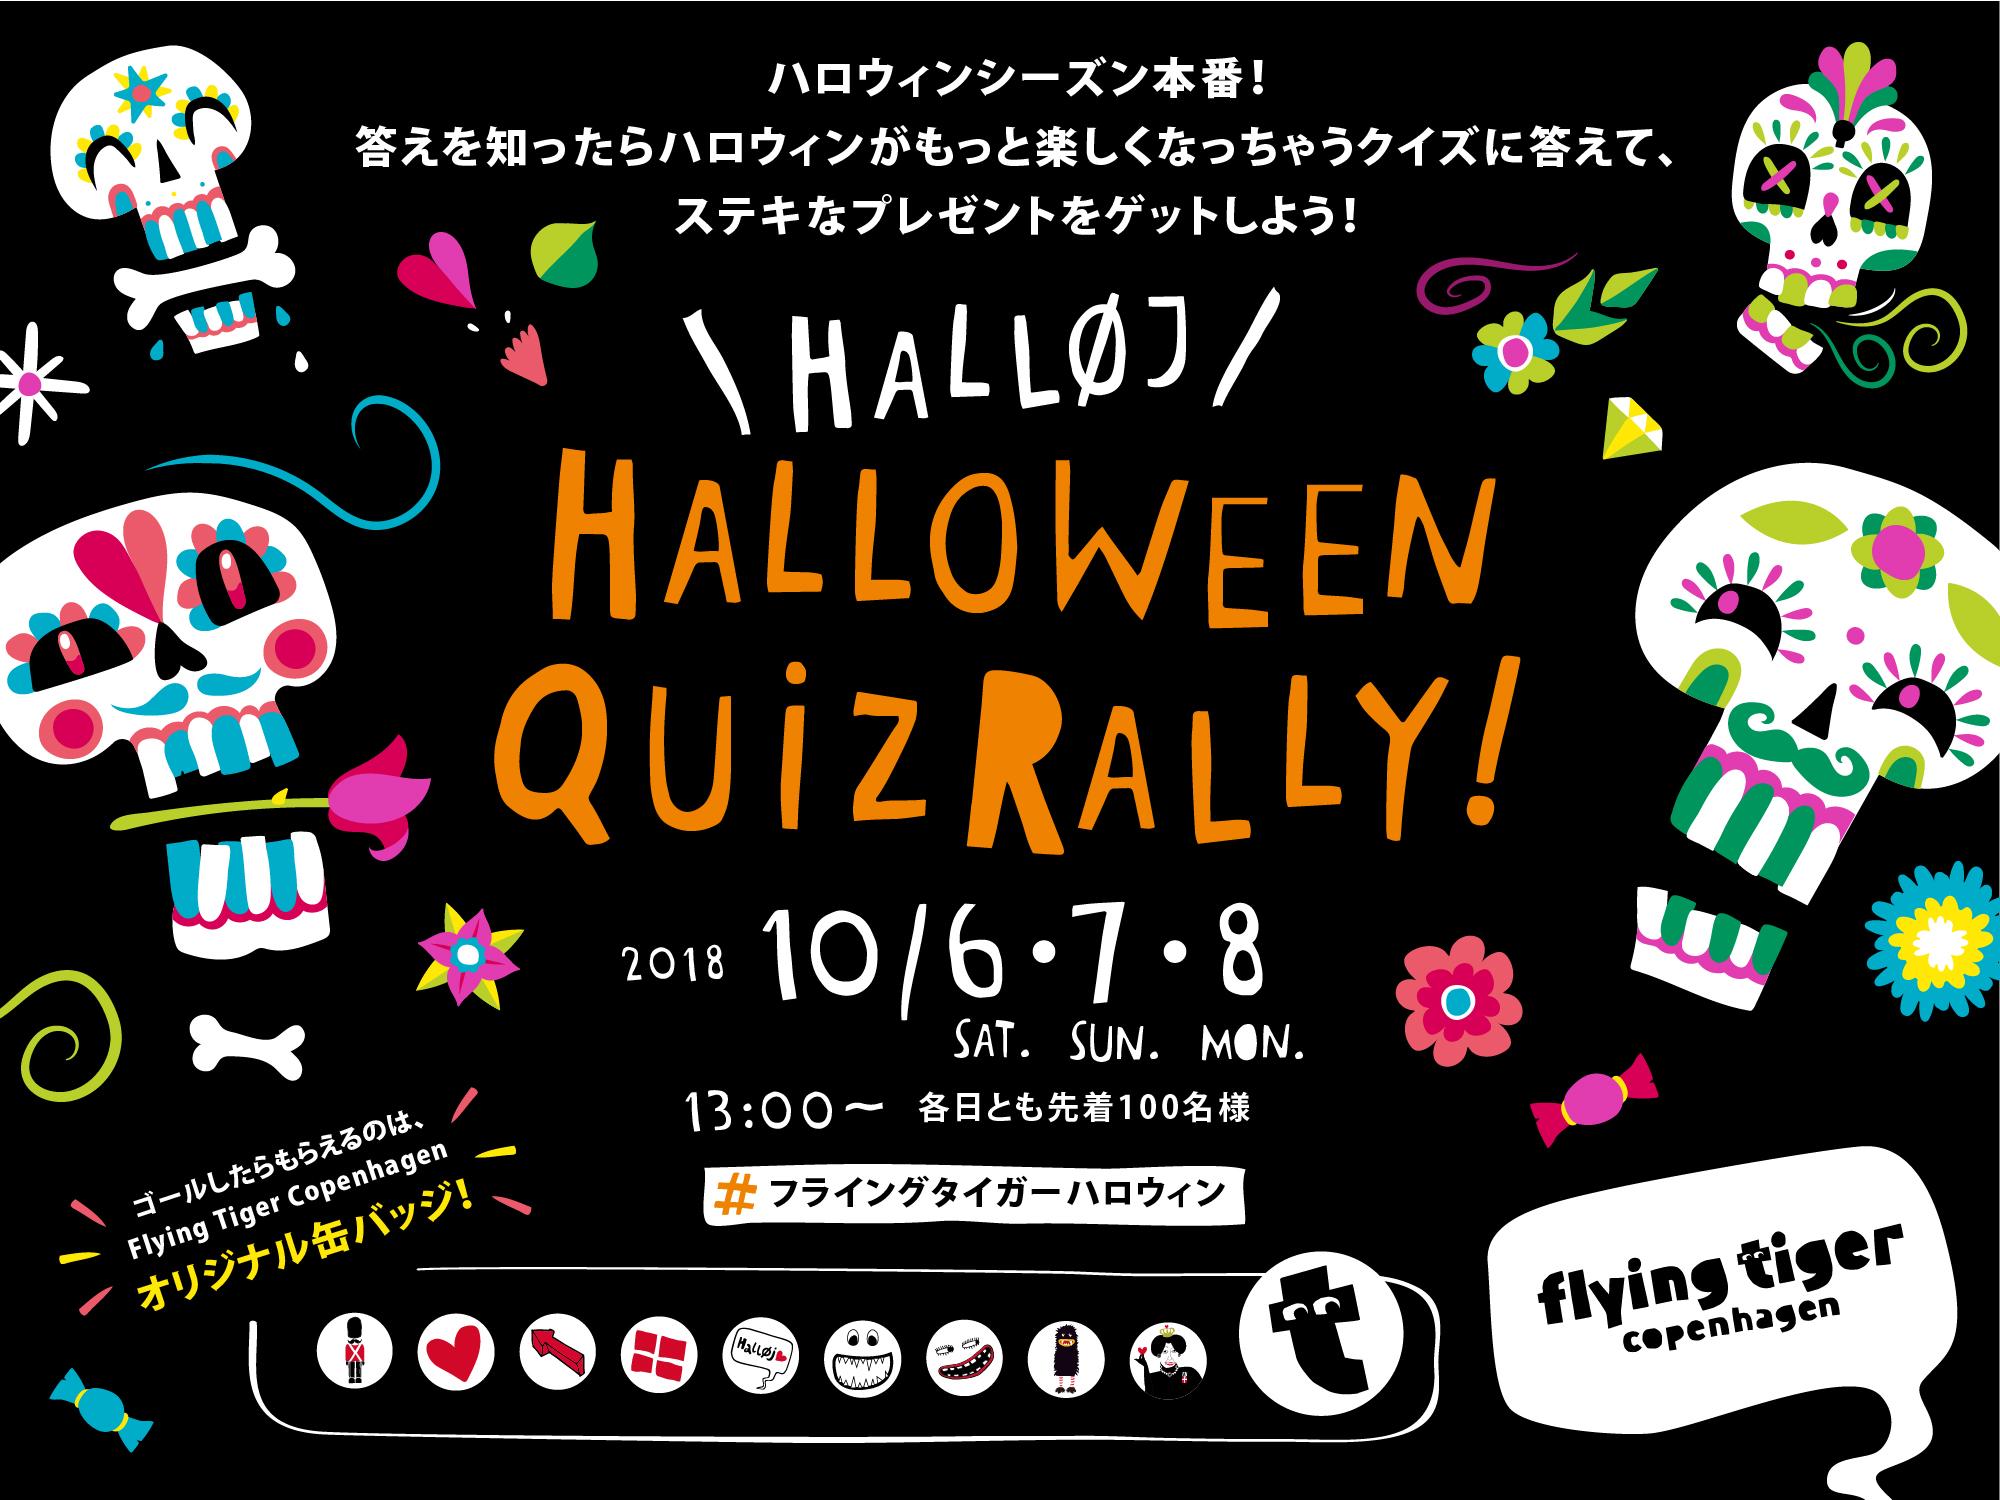 Halløj Halloween Quiz Rally!